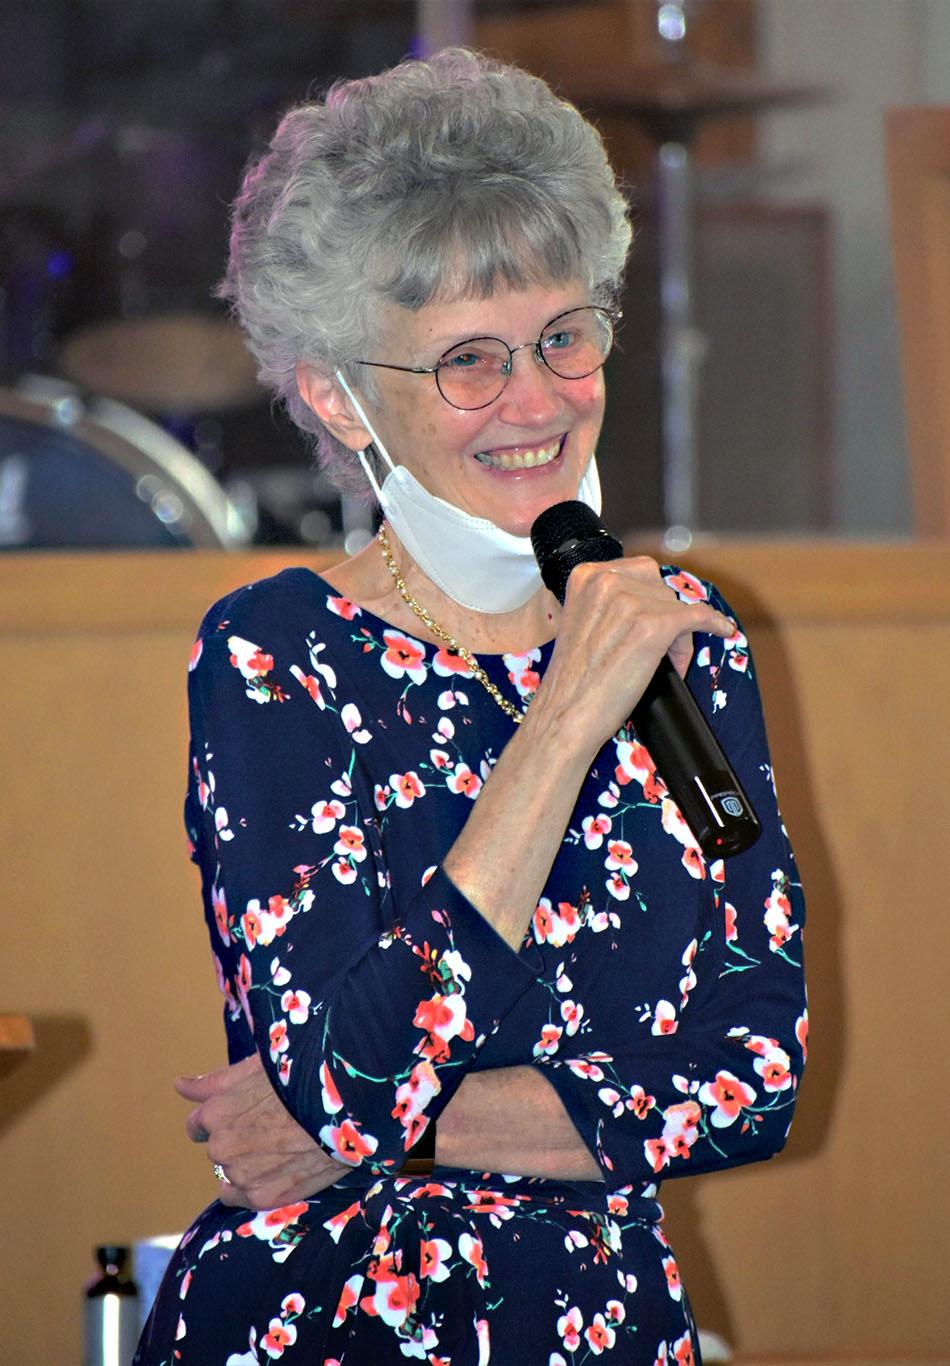 La Obispa Peggy Johnson disfrutando del culto y la comunión con los miembros de la comisión. Foto Michelle Cygan , Conferencia Anual del Este de Pensilvania.